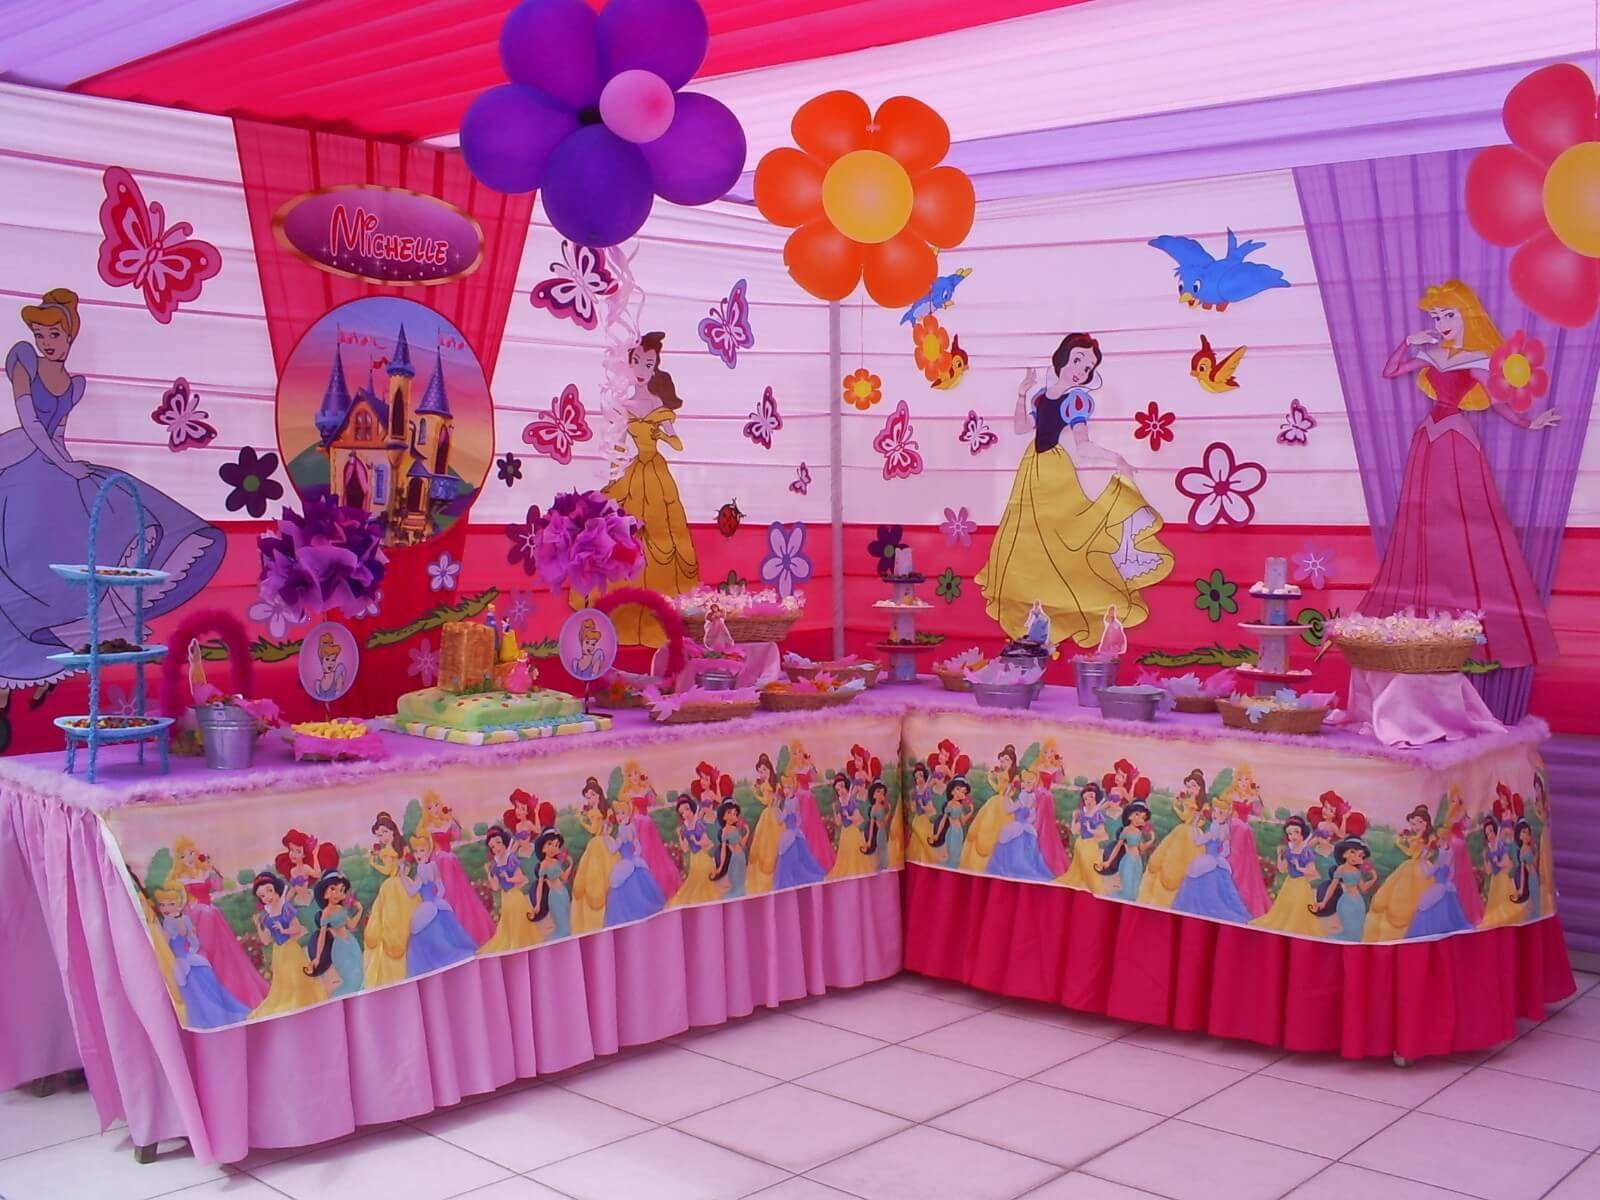 Decoracion de fiestas 1600 1200 - Arreglos fiestas infantiles ...